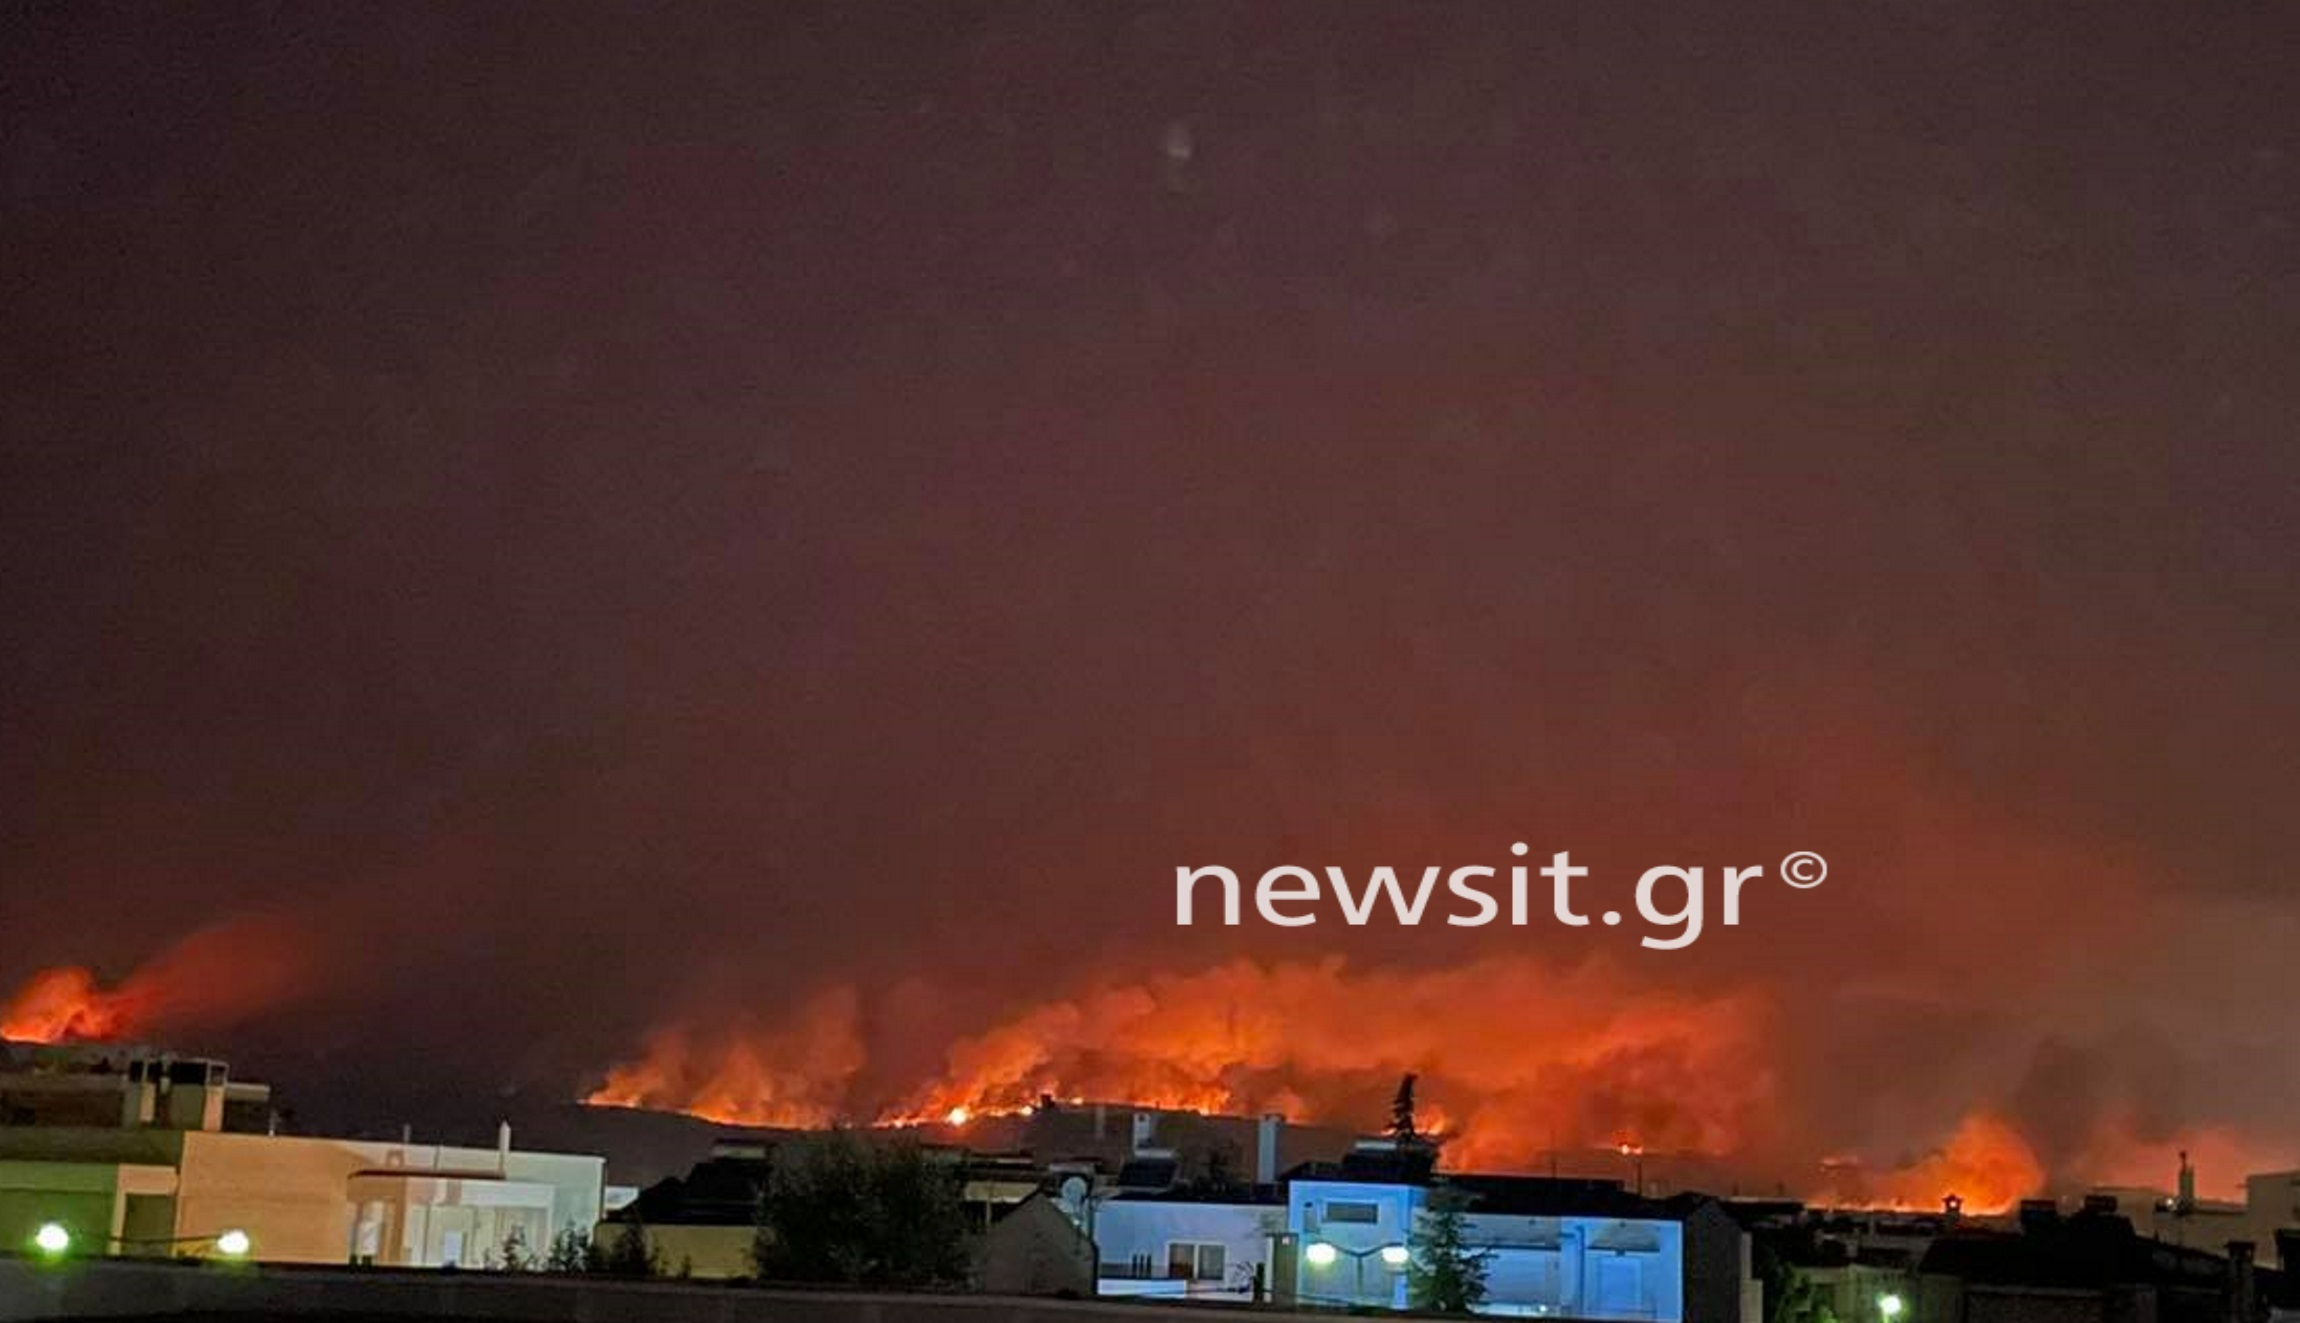 Η φωτιά πέρασε την Εθνική Οδό και πλησιάζει Άγιο Στέφανο – Συγκλονιστικές εικόνες